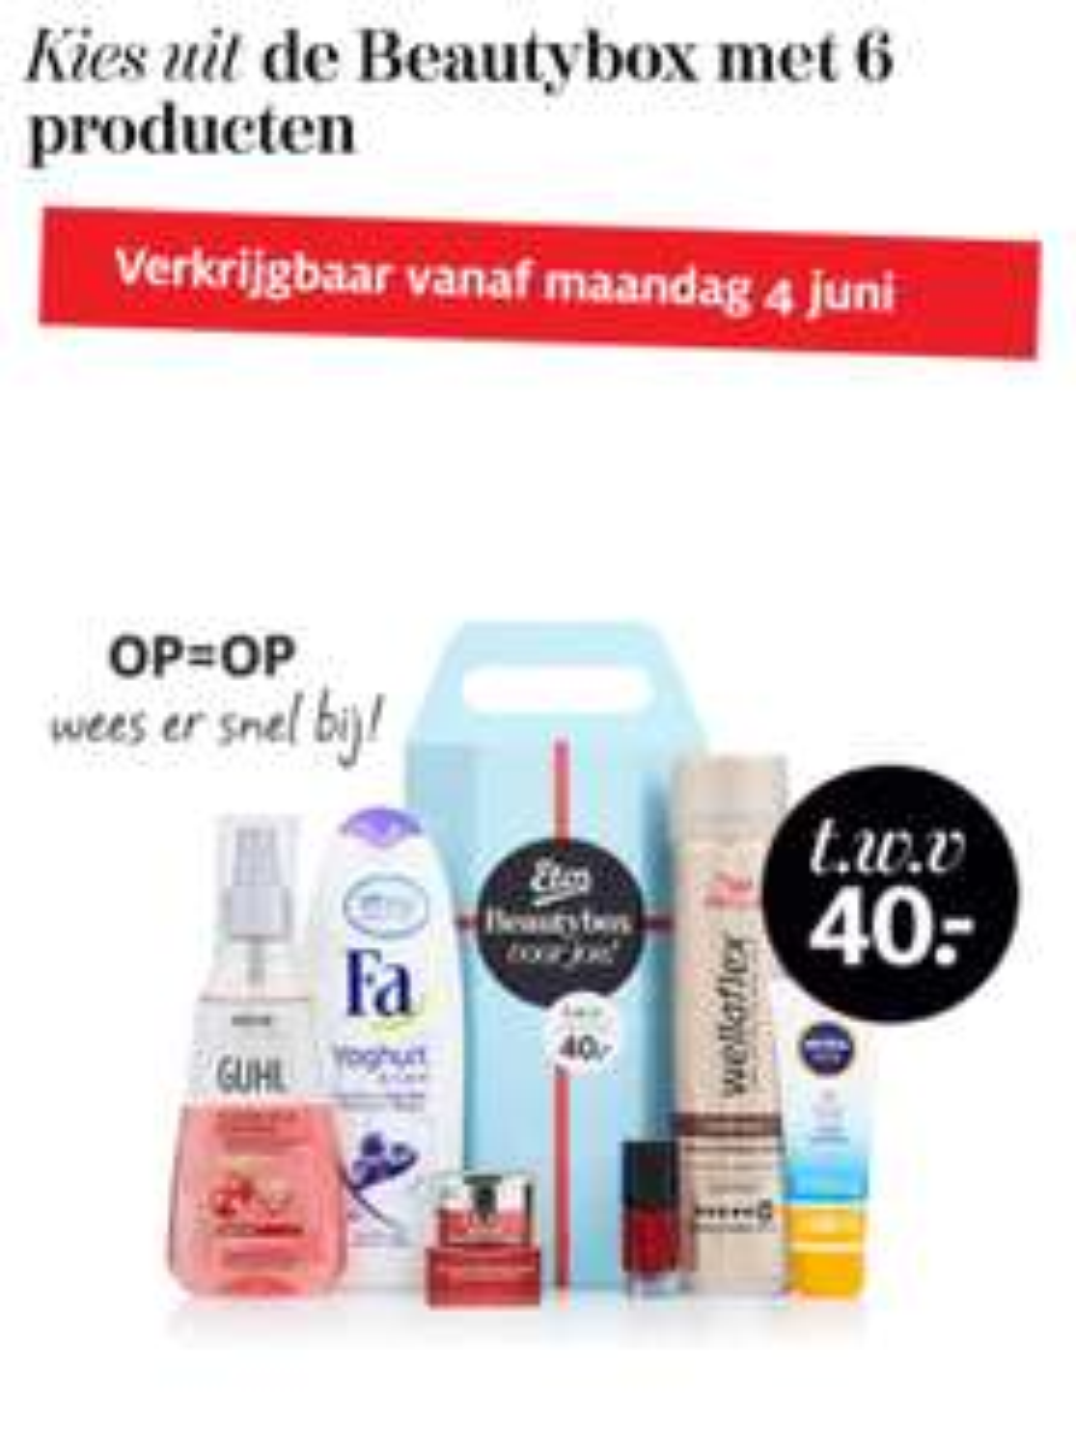 Gratis beautybox bij Etos cadeau sparen (vanaf 4 juni)